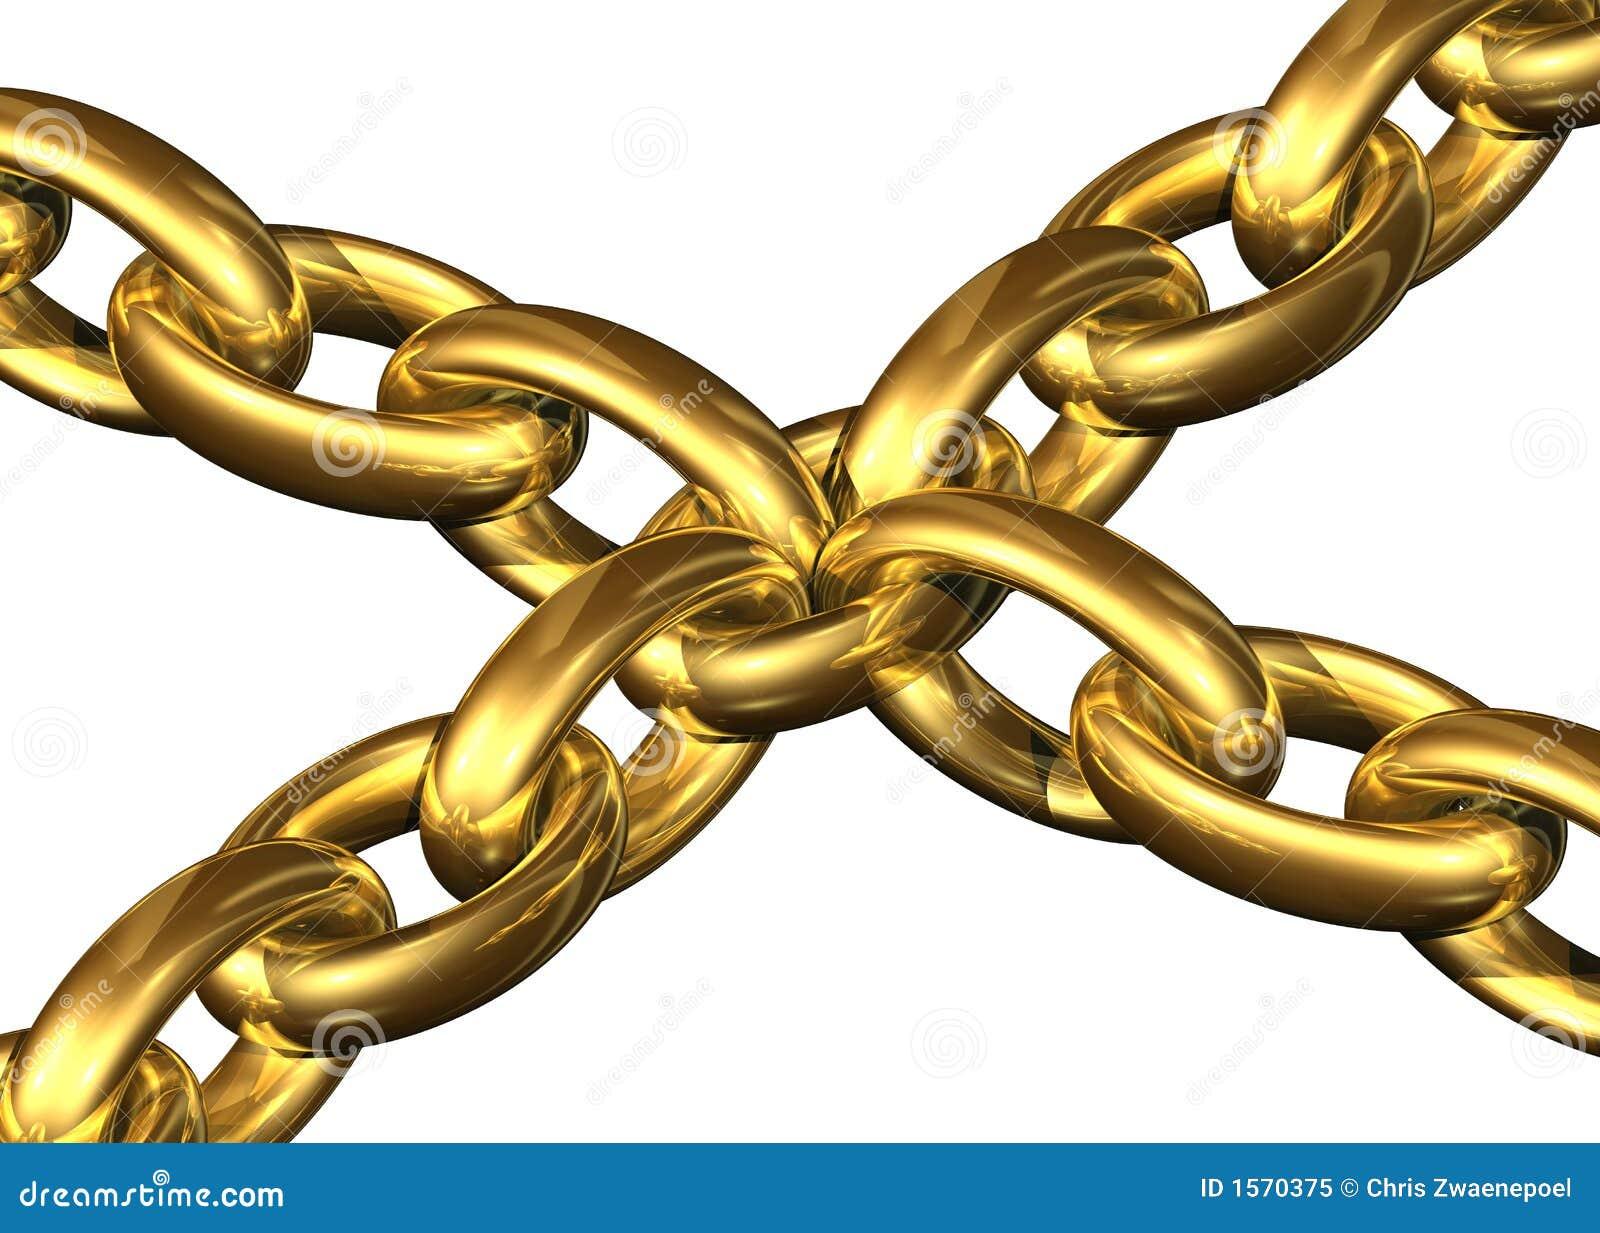 Los encadenamientos de oro guardaron el toghether al lado de un elemento de cadena central